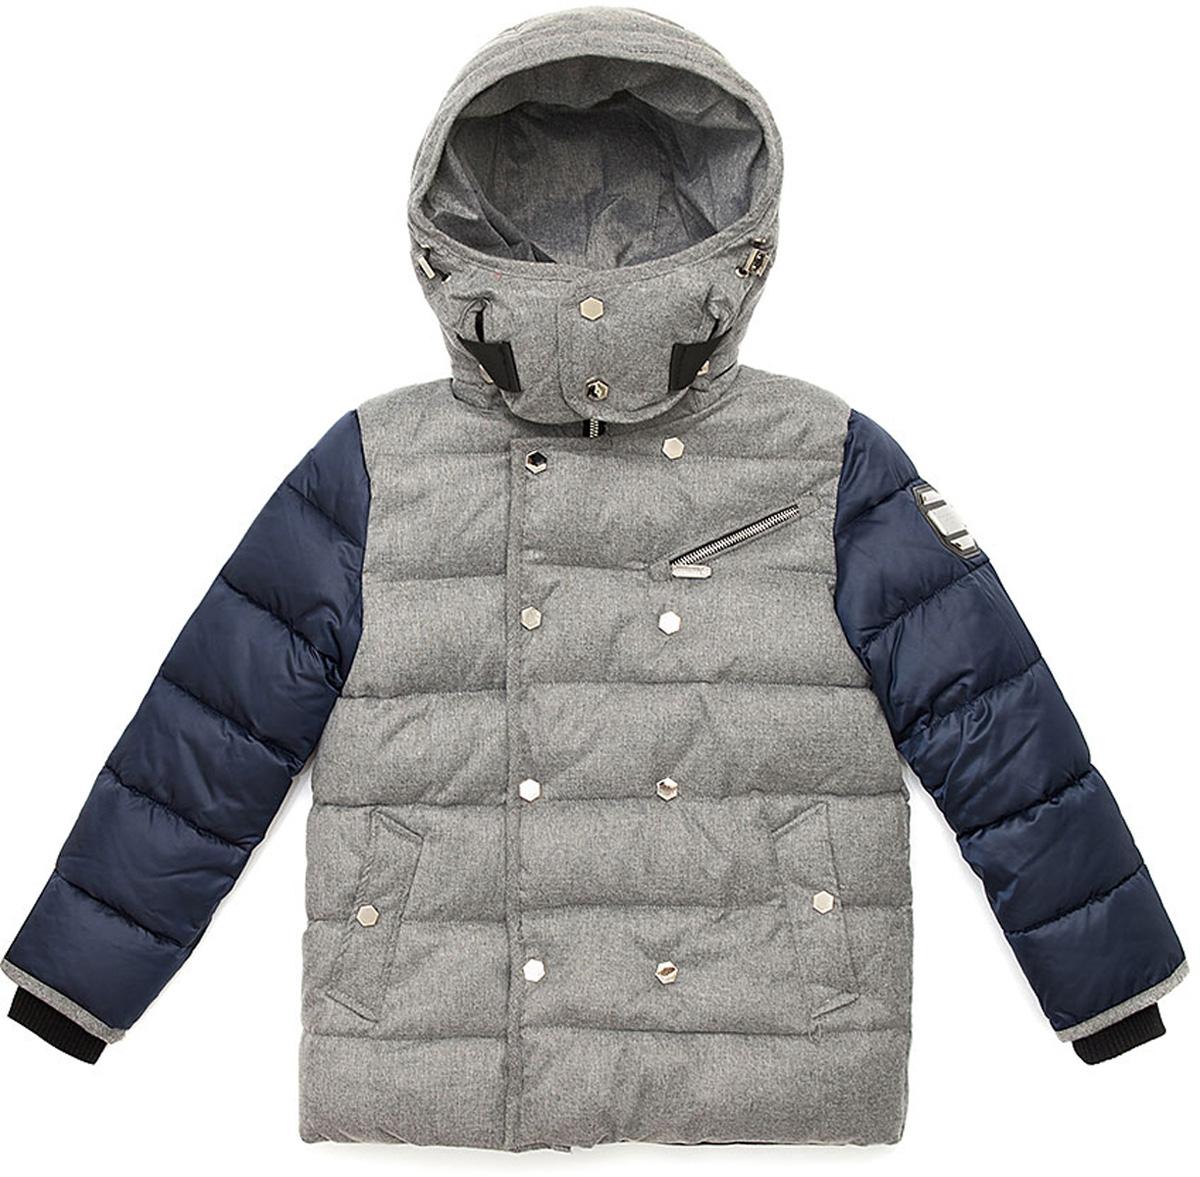 Куртка для мальчика Vitacci, цвет: серый, синий. 1171486-04. Размер 1501171486-04Удлиненная куртка для мальчика Vitacci, изготовленная из полиэстера, станет стильнымдополнением к детскому гардеробу.Подкладка выполнена из полиэстера и дополнительно утеплена флисом по спинке. В качестве наполнителя используется биопух.Температурный режим от -5°С до -20°С.Теплая, удобная и практичная куртка идеально подойдет юному моднику для прогулок!